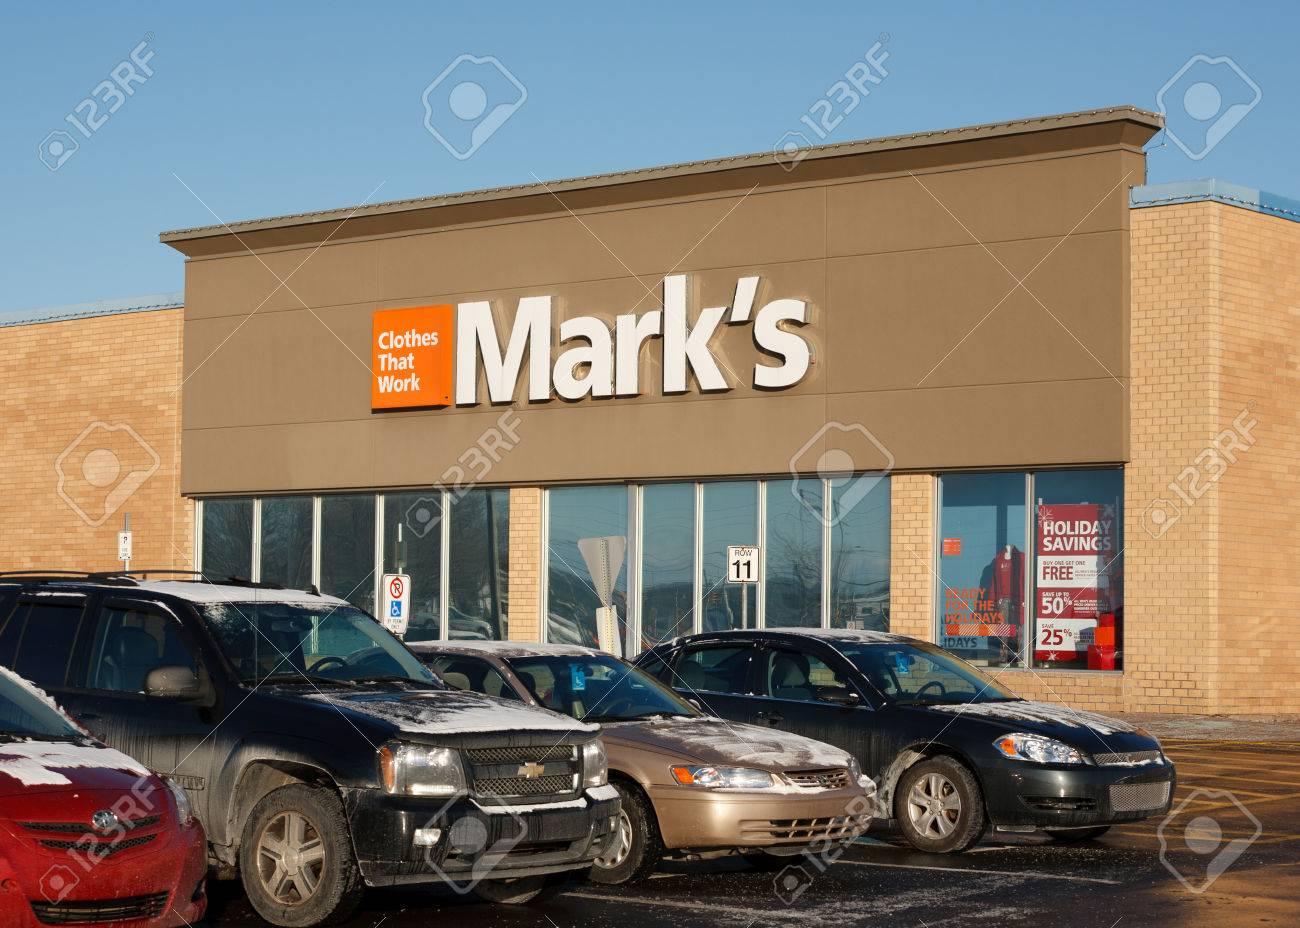 Truro, Canadá - 11 De Diciembre 2013: El Trabajo Wearhouse De Marcos ...